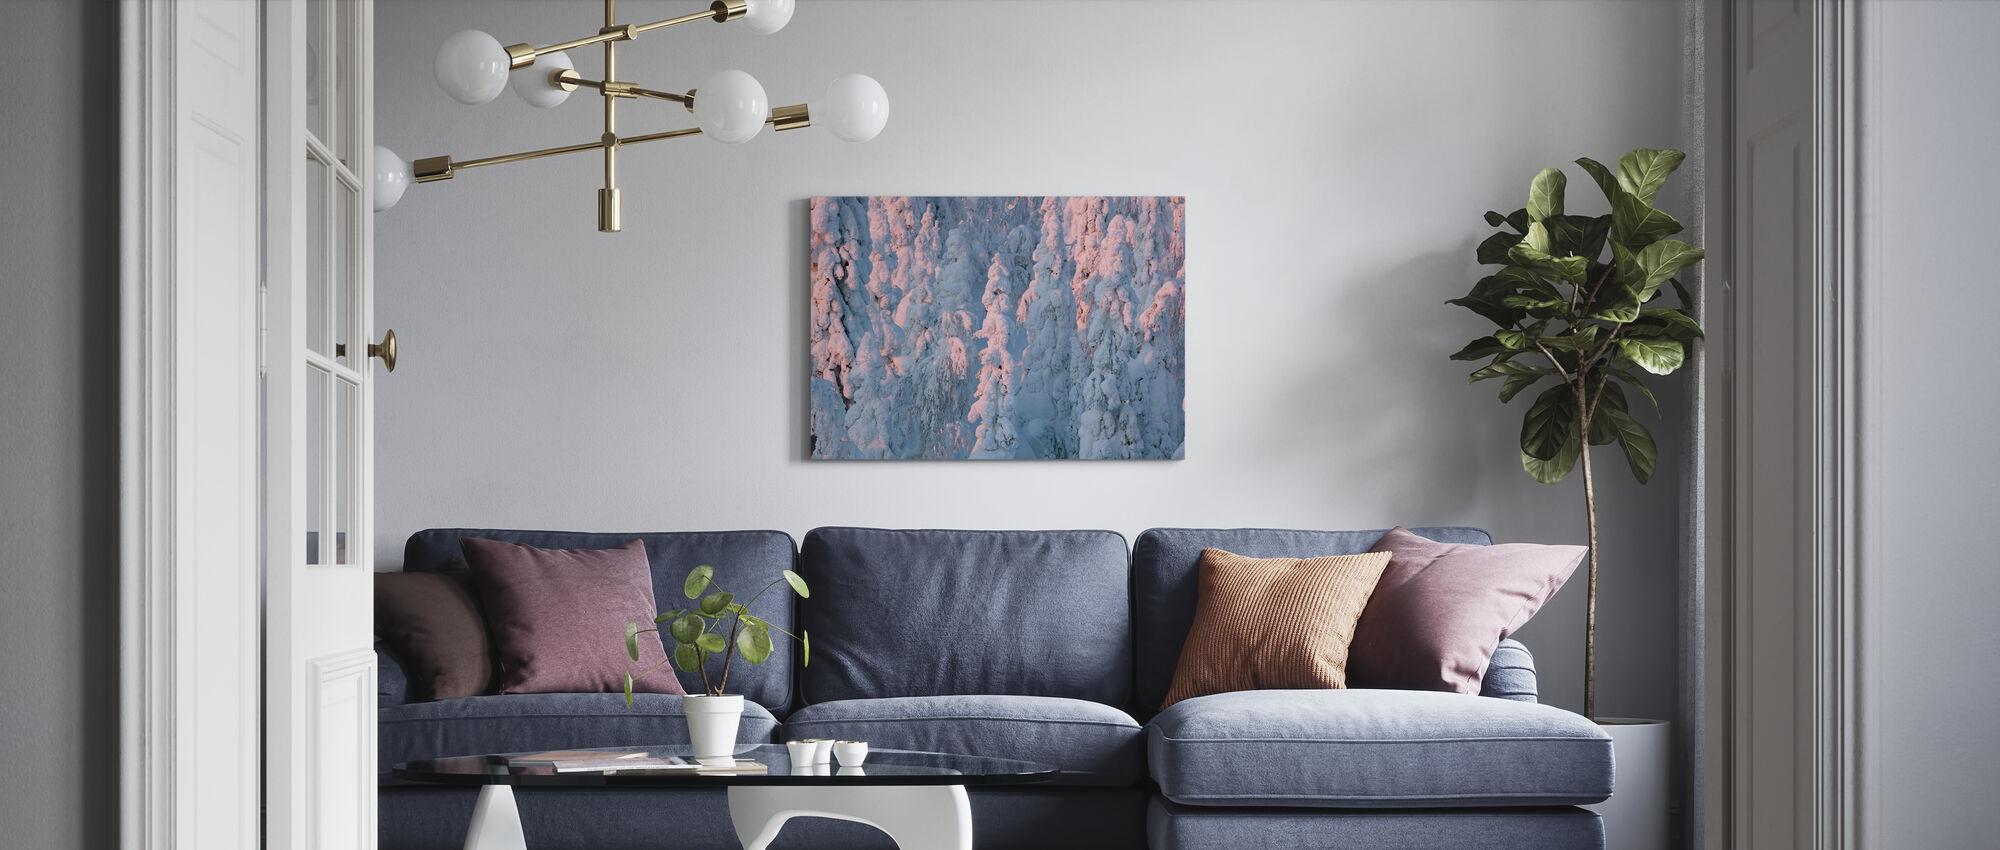 Lapland Winter Landscape - Canvas print - Living Room